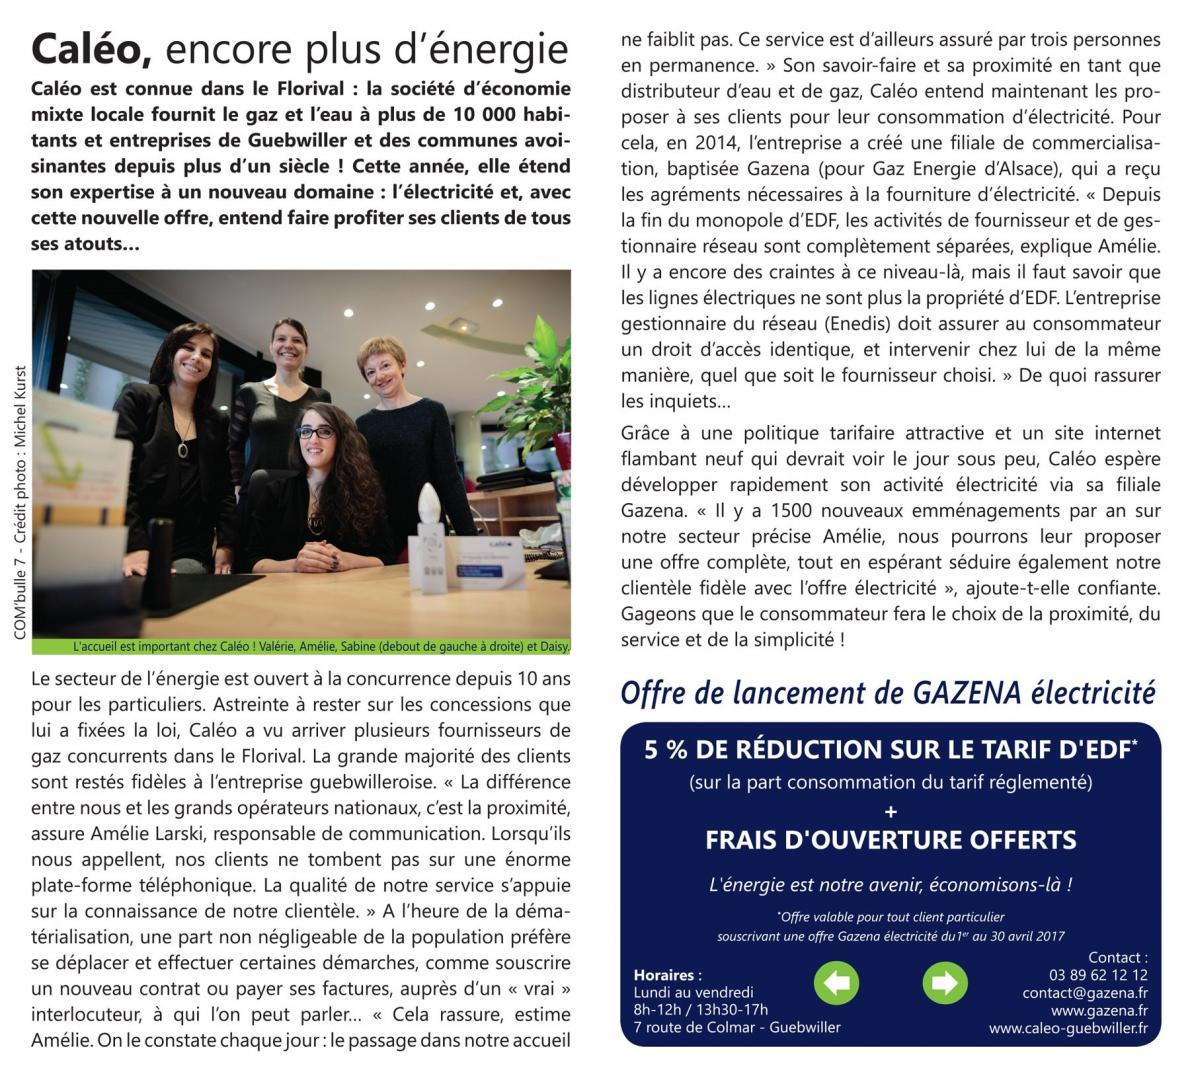 Caléo, fournisseur d'électricité